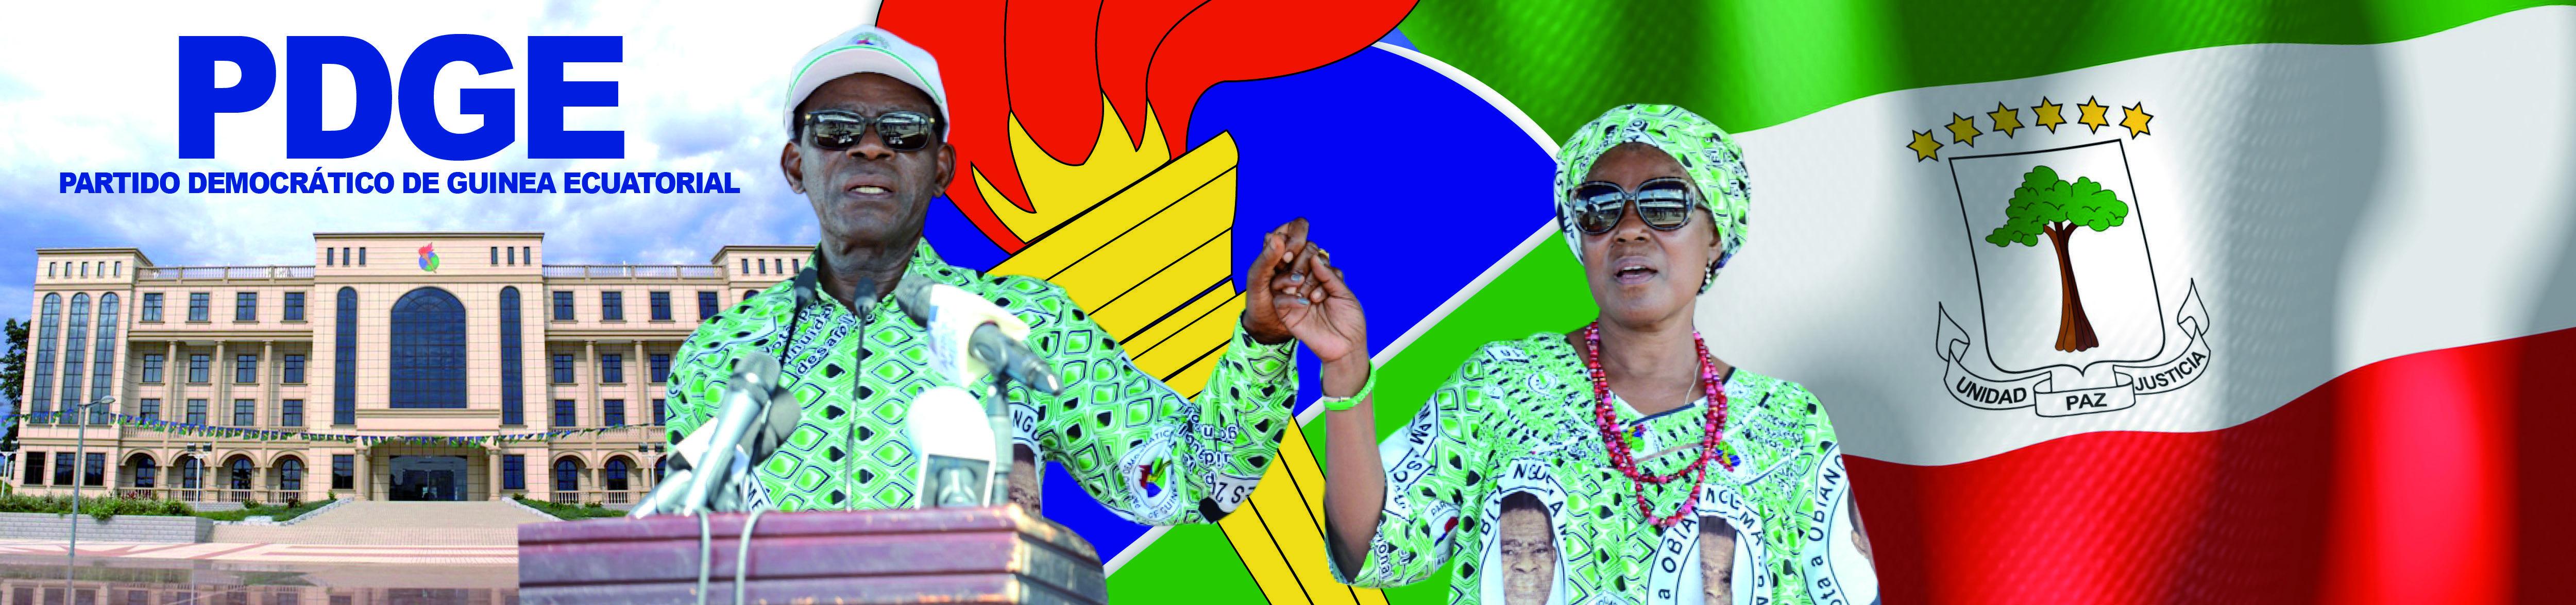 Partido Democratico Guinea Ecuatorial PDGE